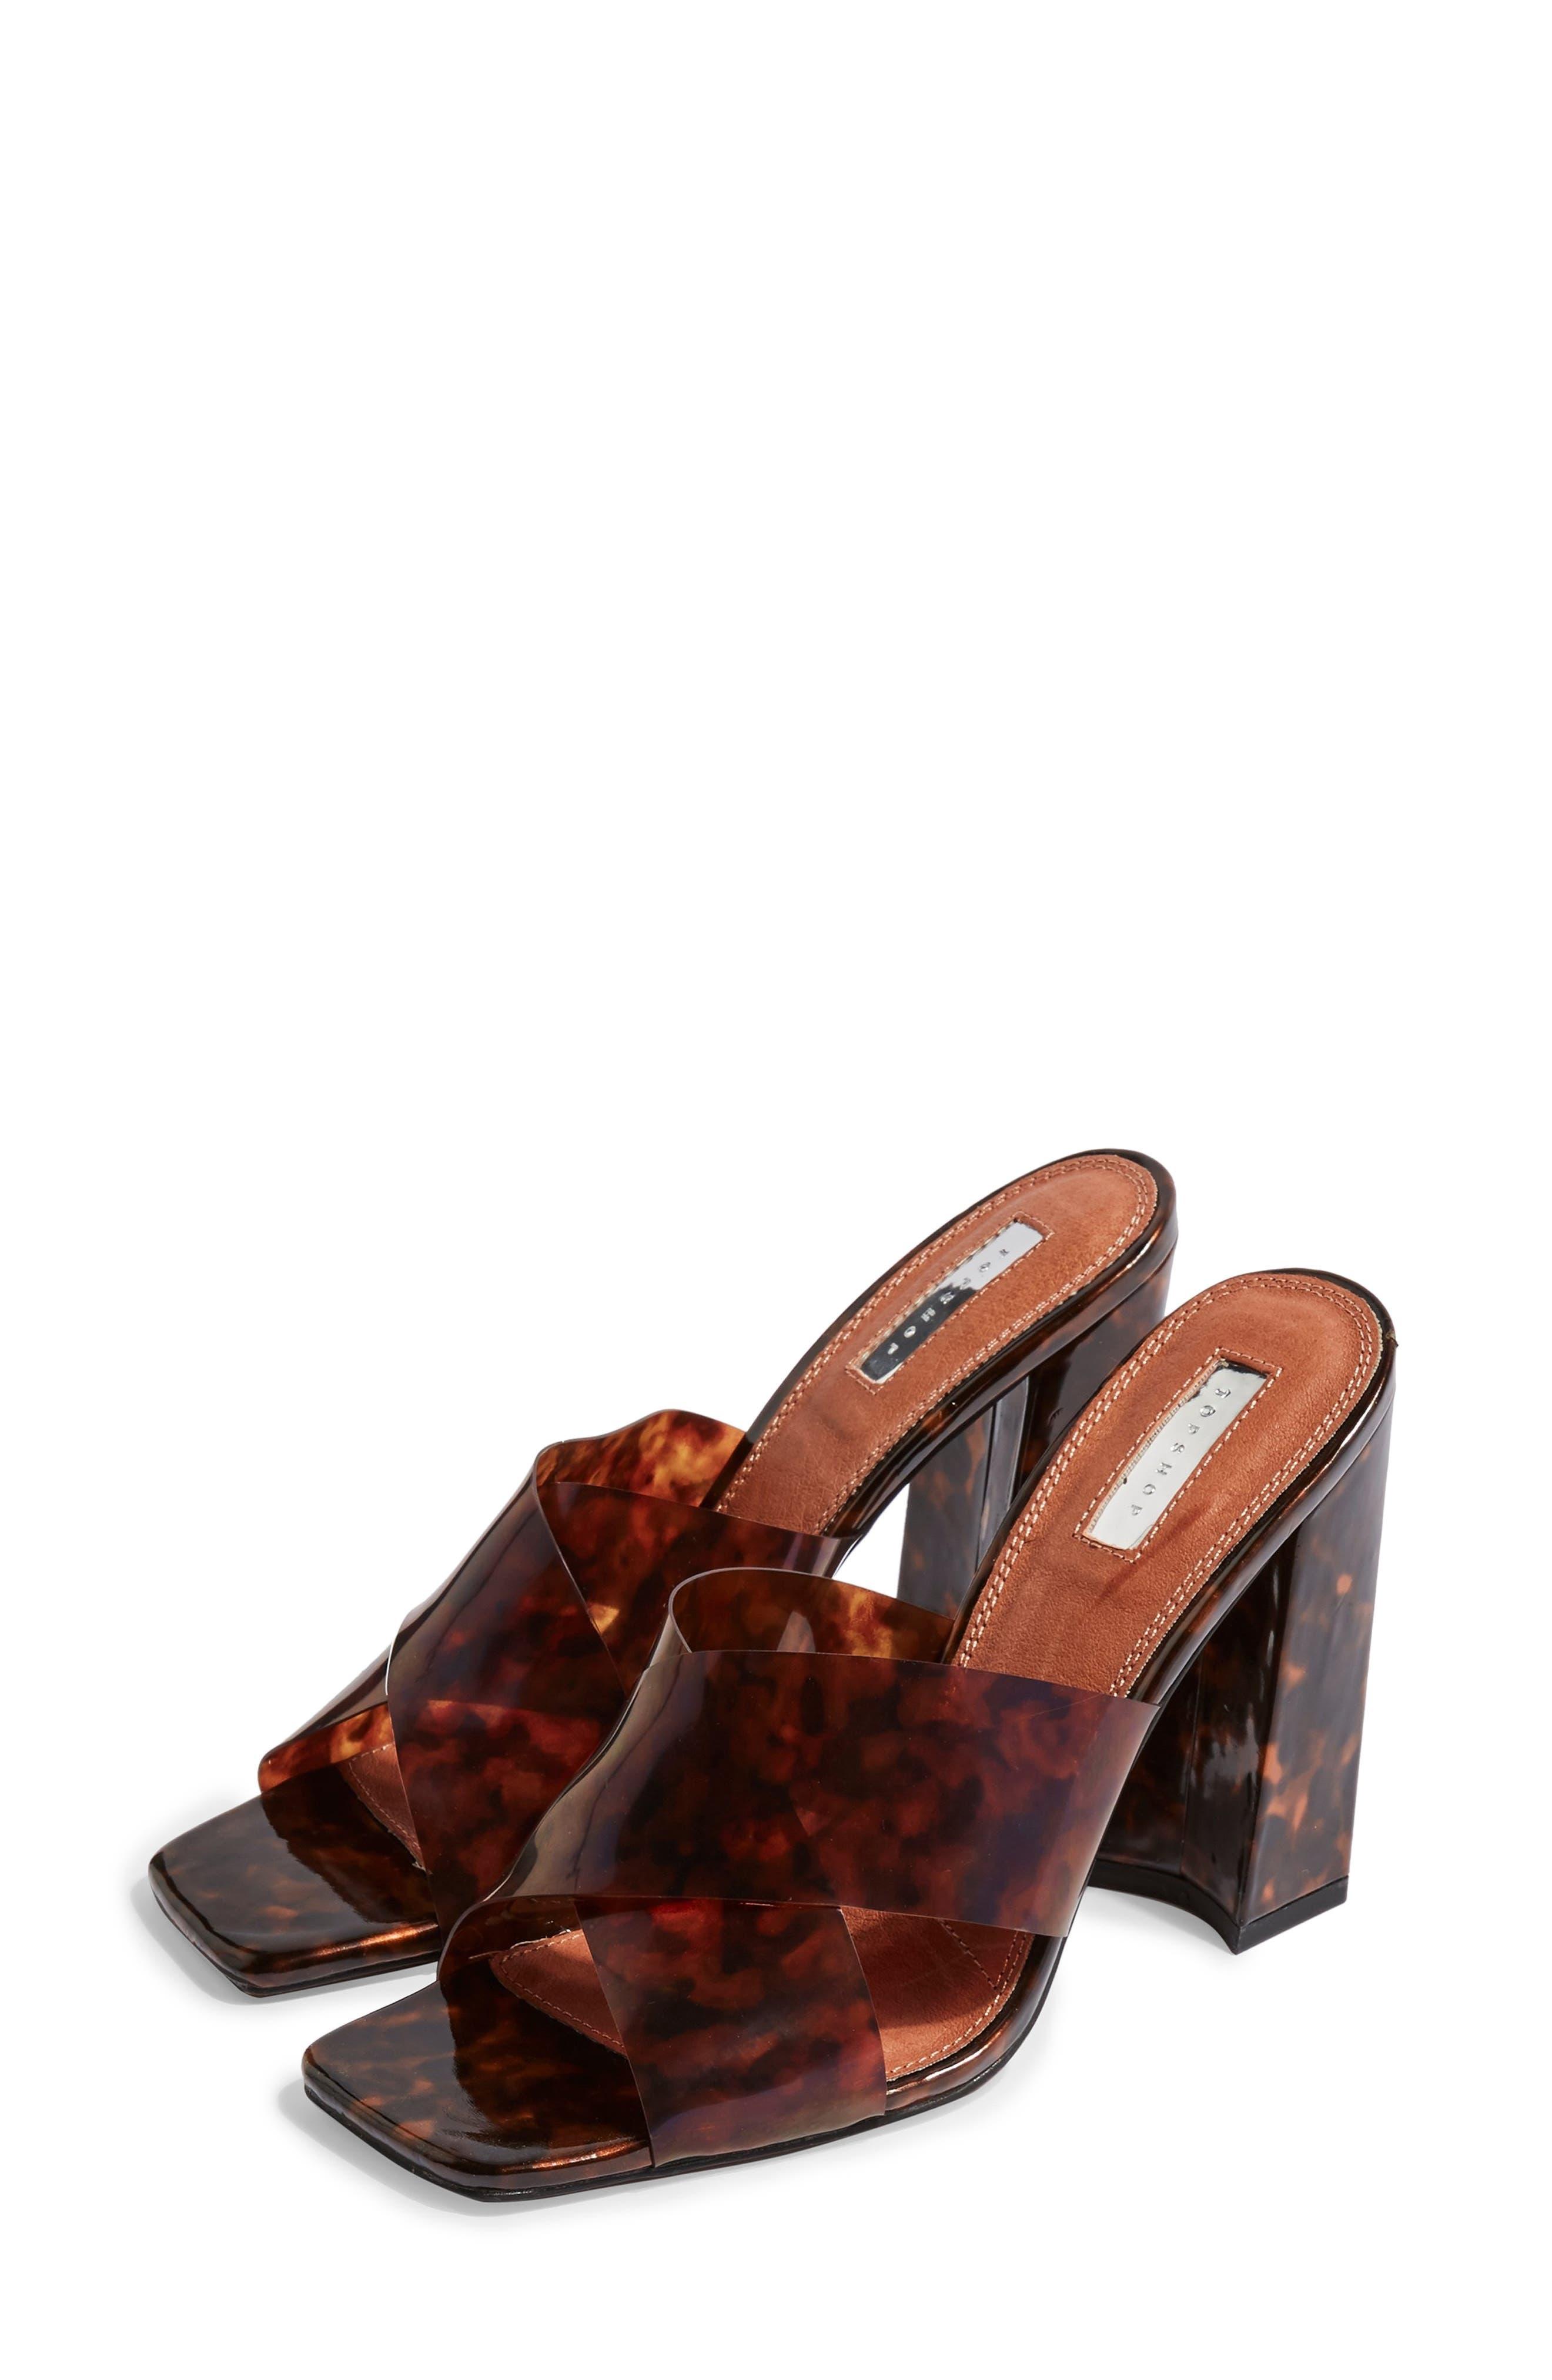 TOPSHOP, Regina Slide Sandal, Main thumbnail 1, color, BROWN MULTI